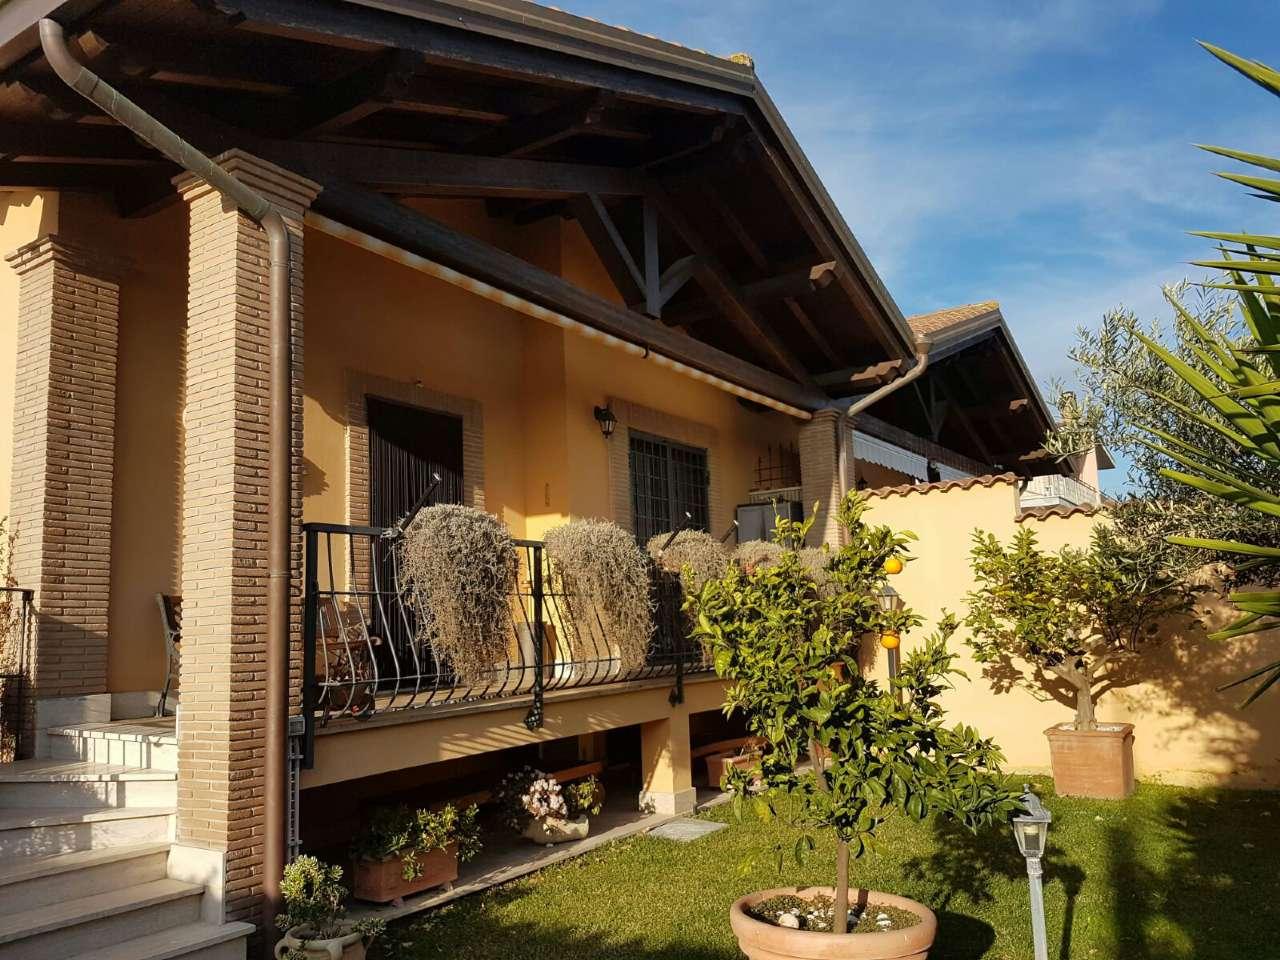 Ville tri quadrifamiliare in vendita a roma for Ville vendita roma